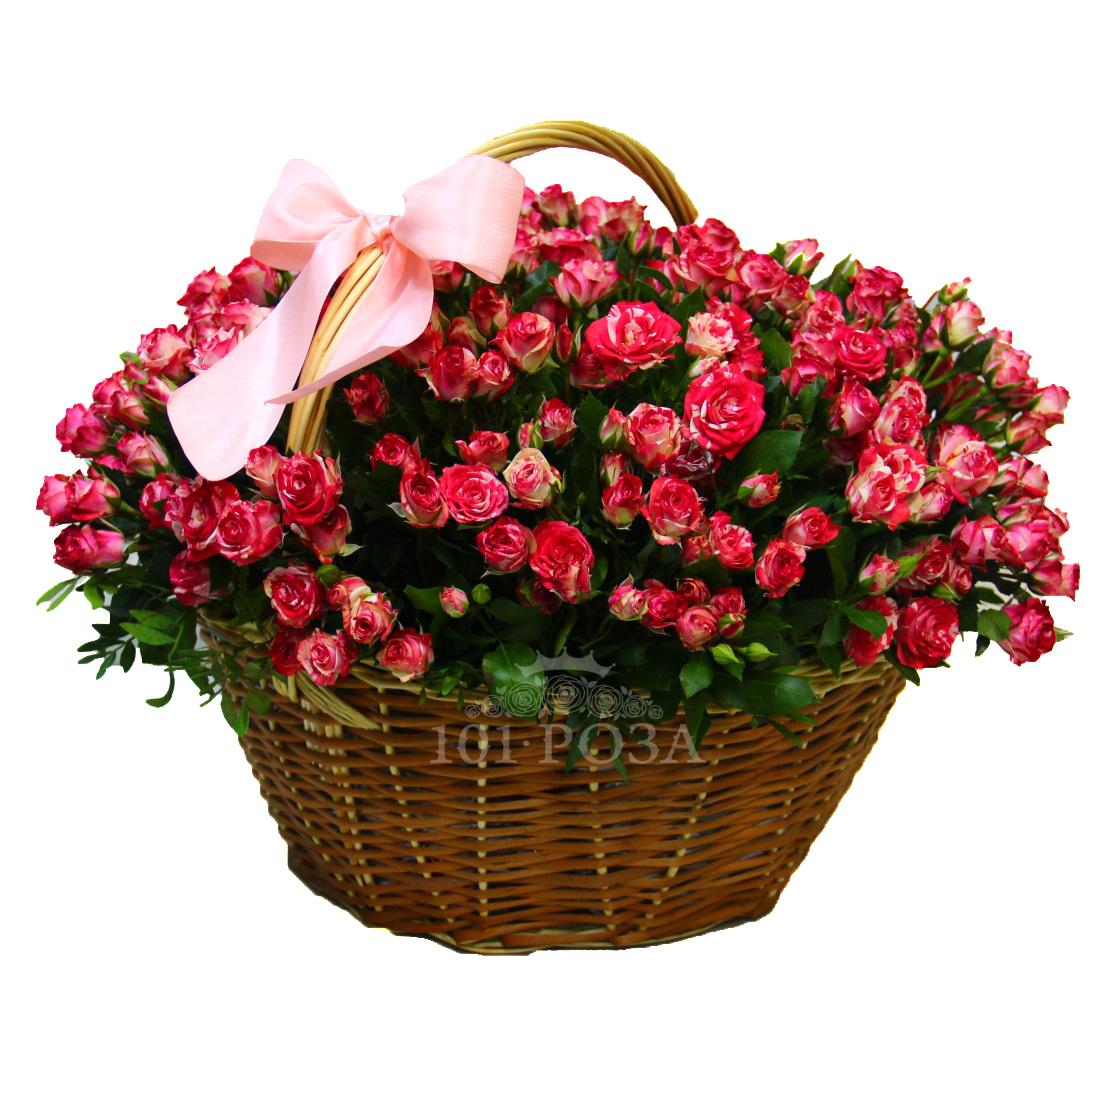 Открытки с корзинами роз